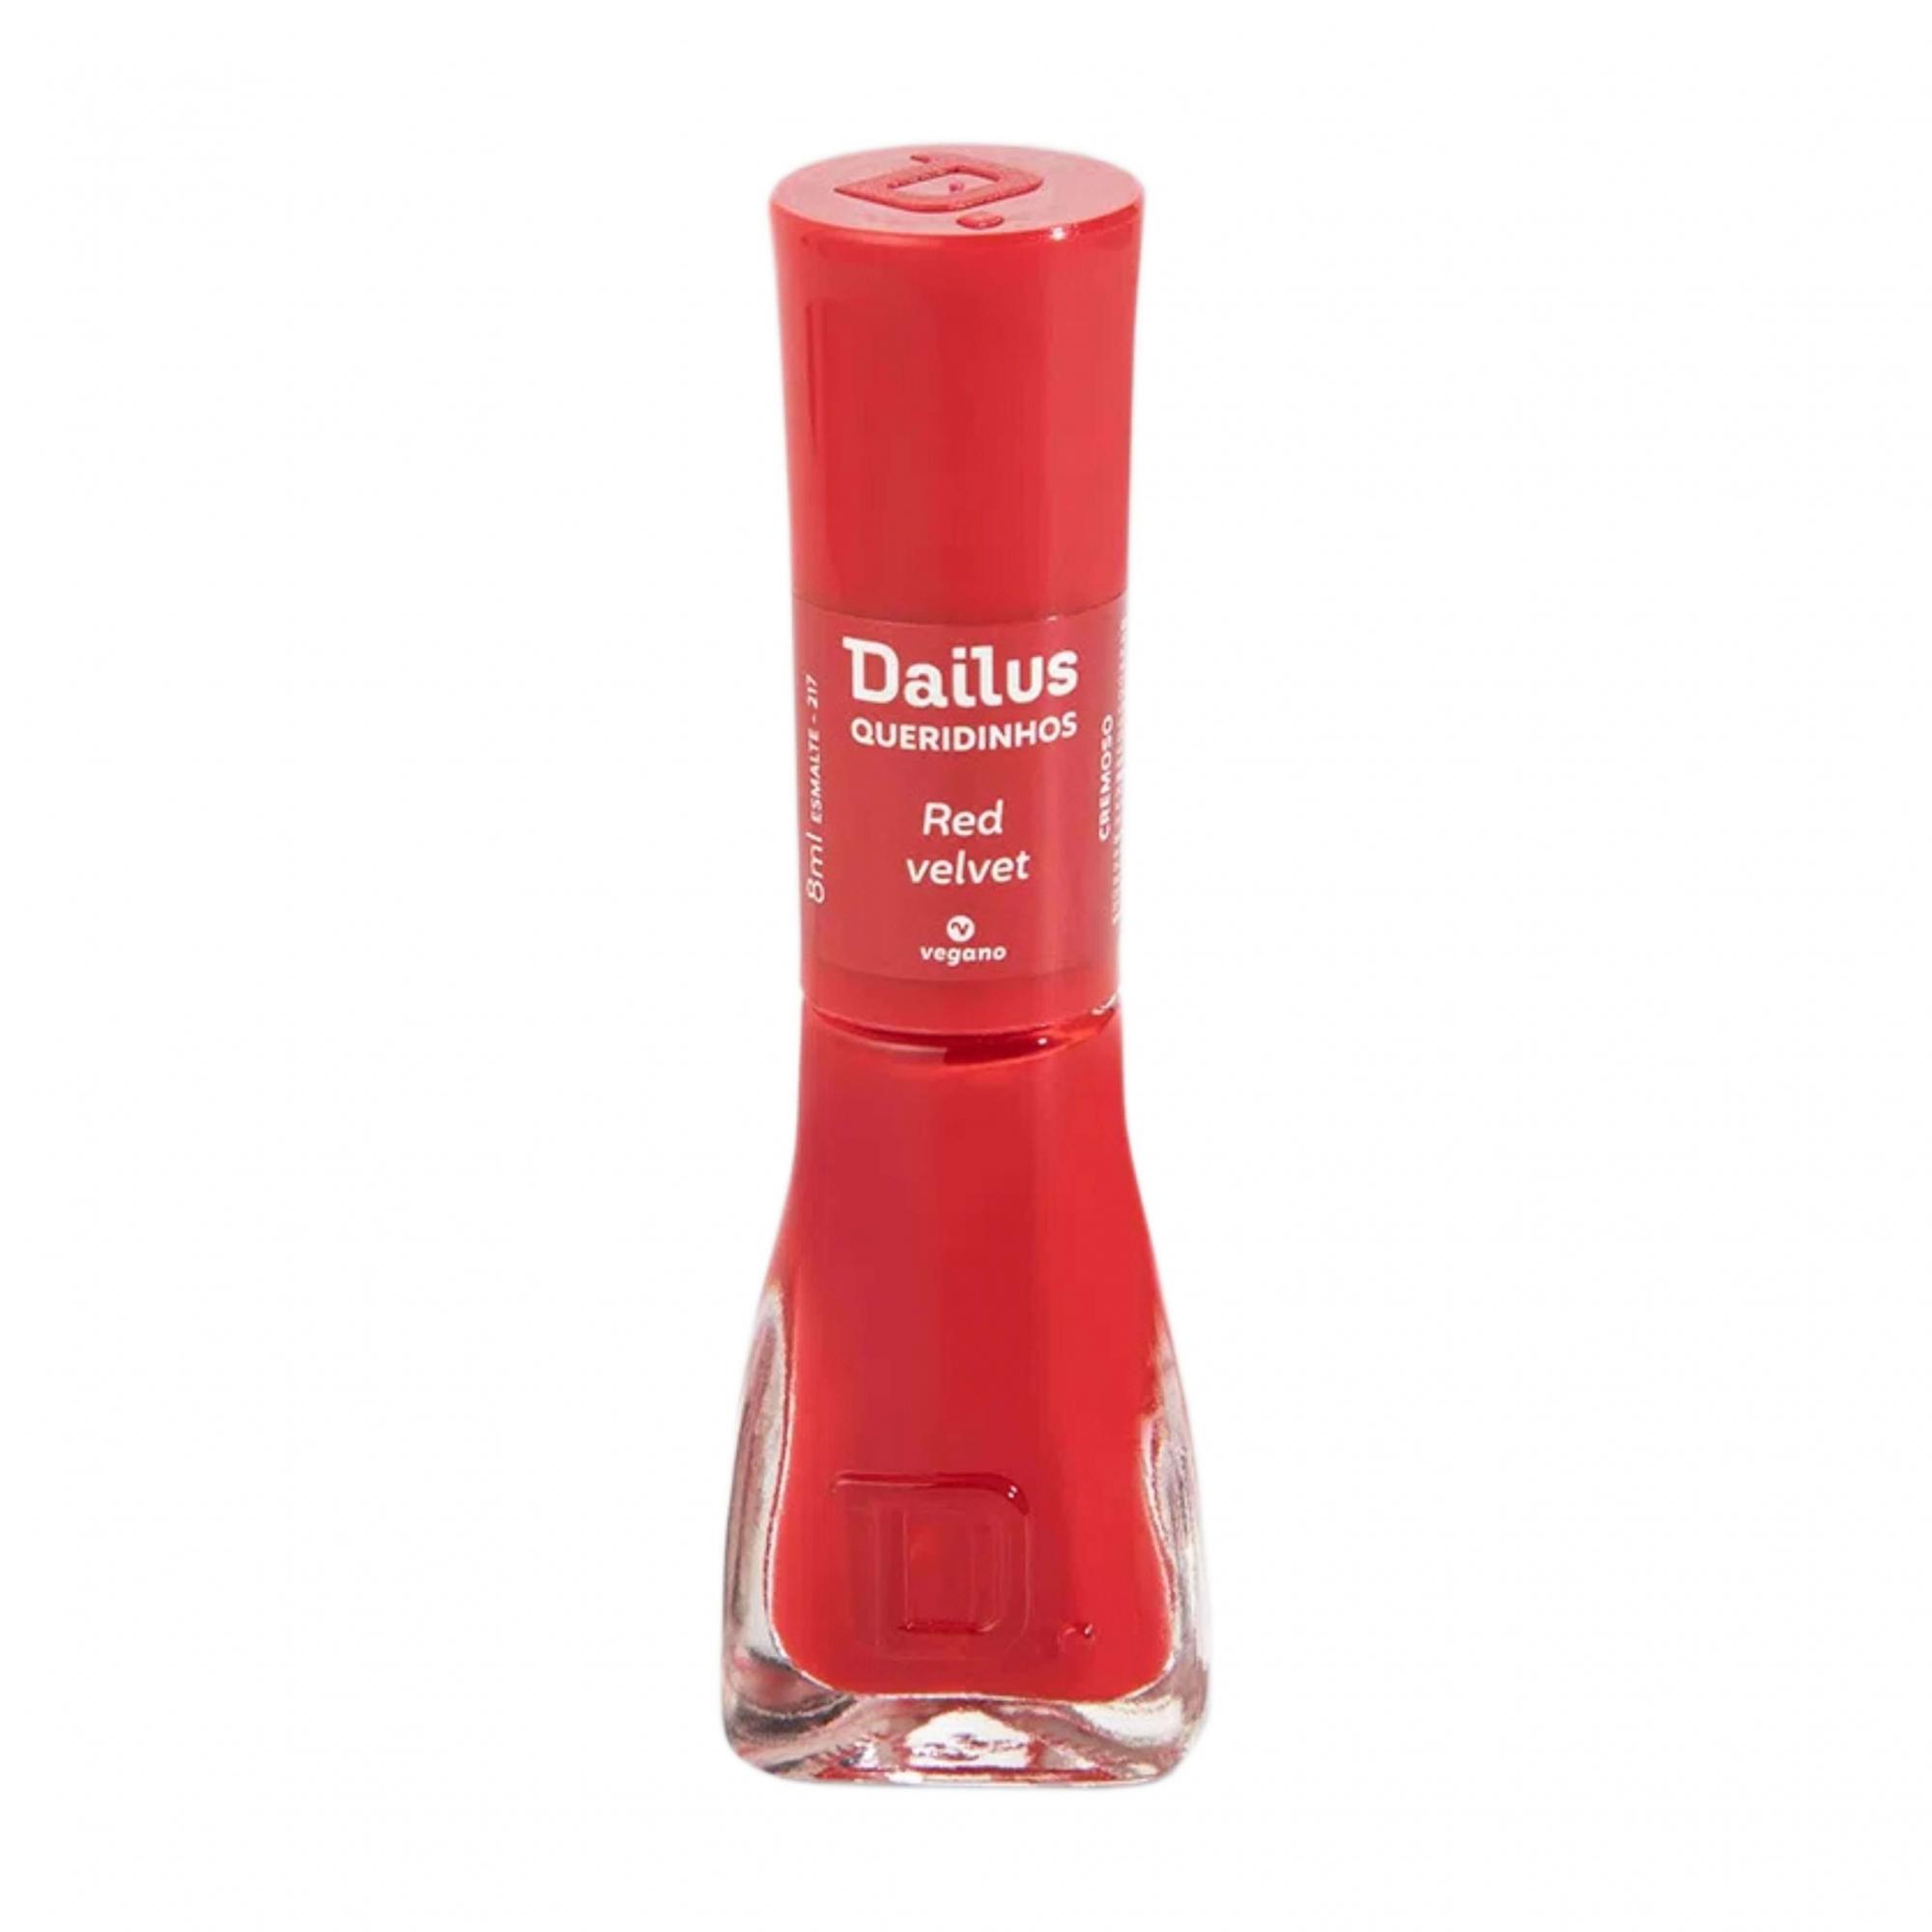 Esmalte Dailus Queridinhos - Red Velvet 8ml